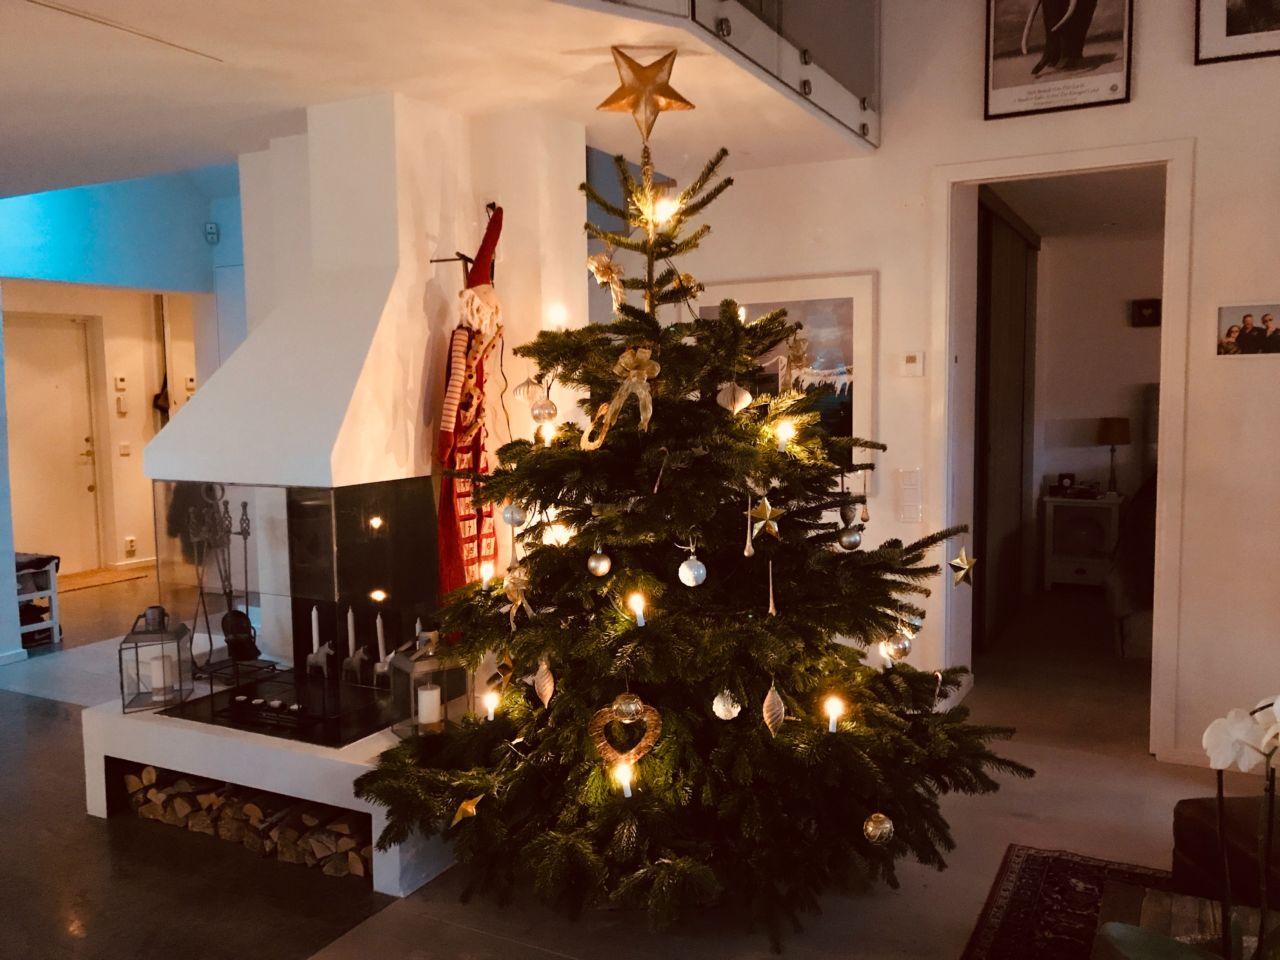 Dubbla känslor inför Julen